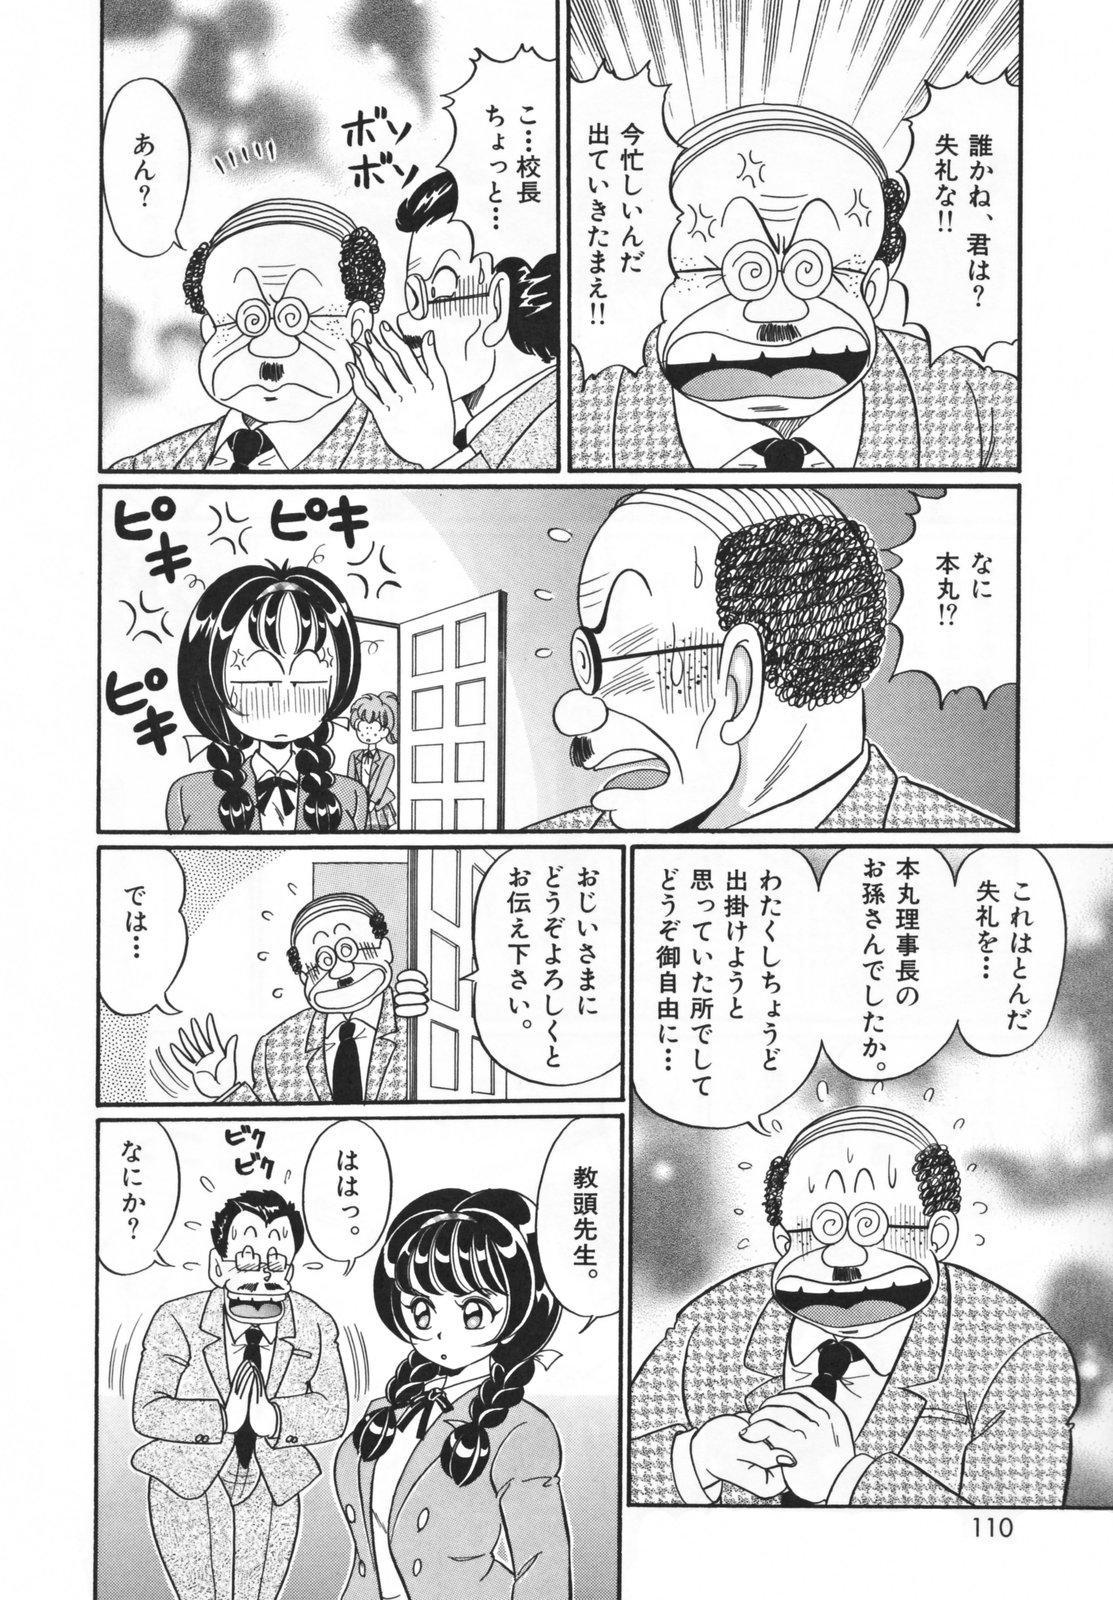 Houkago no Bakunyuu Hatsutaiken 109